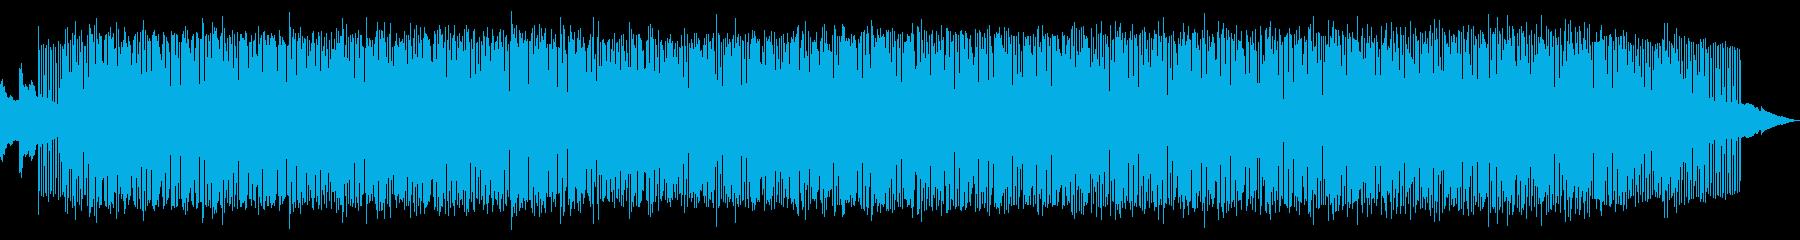 瑞々しいピアノディープハウスの再生済みの波形